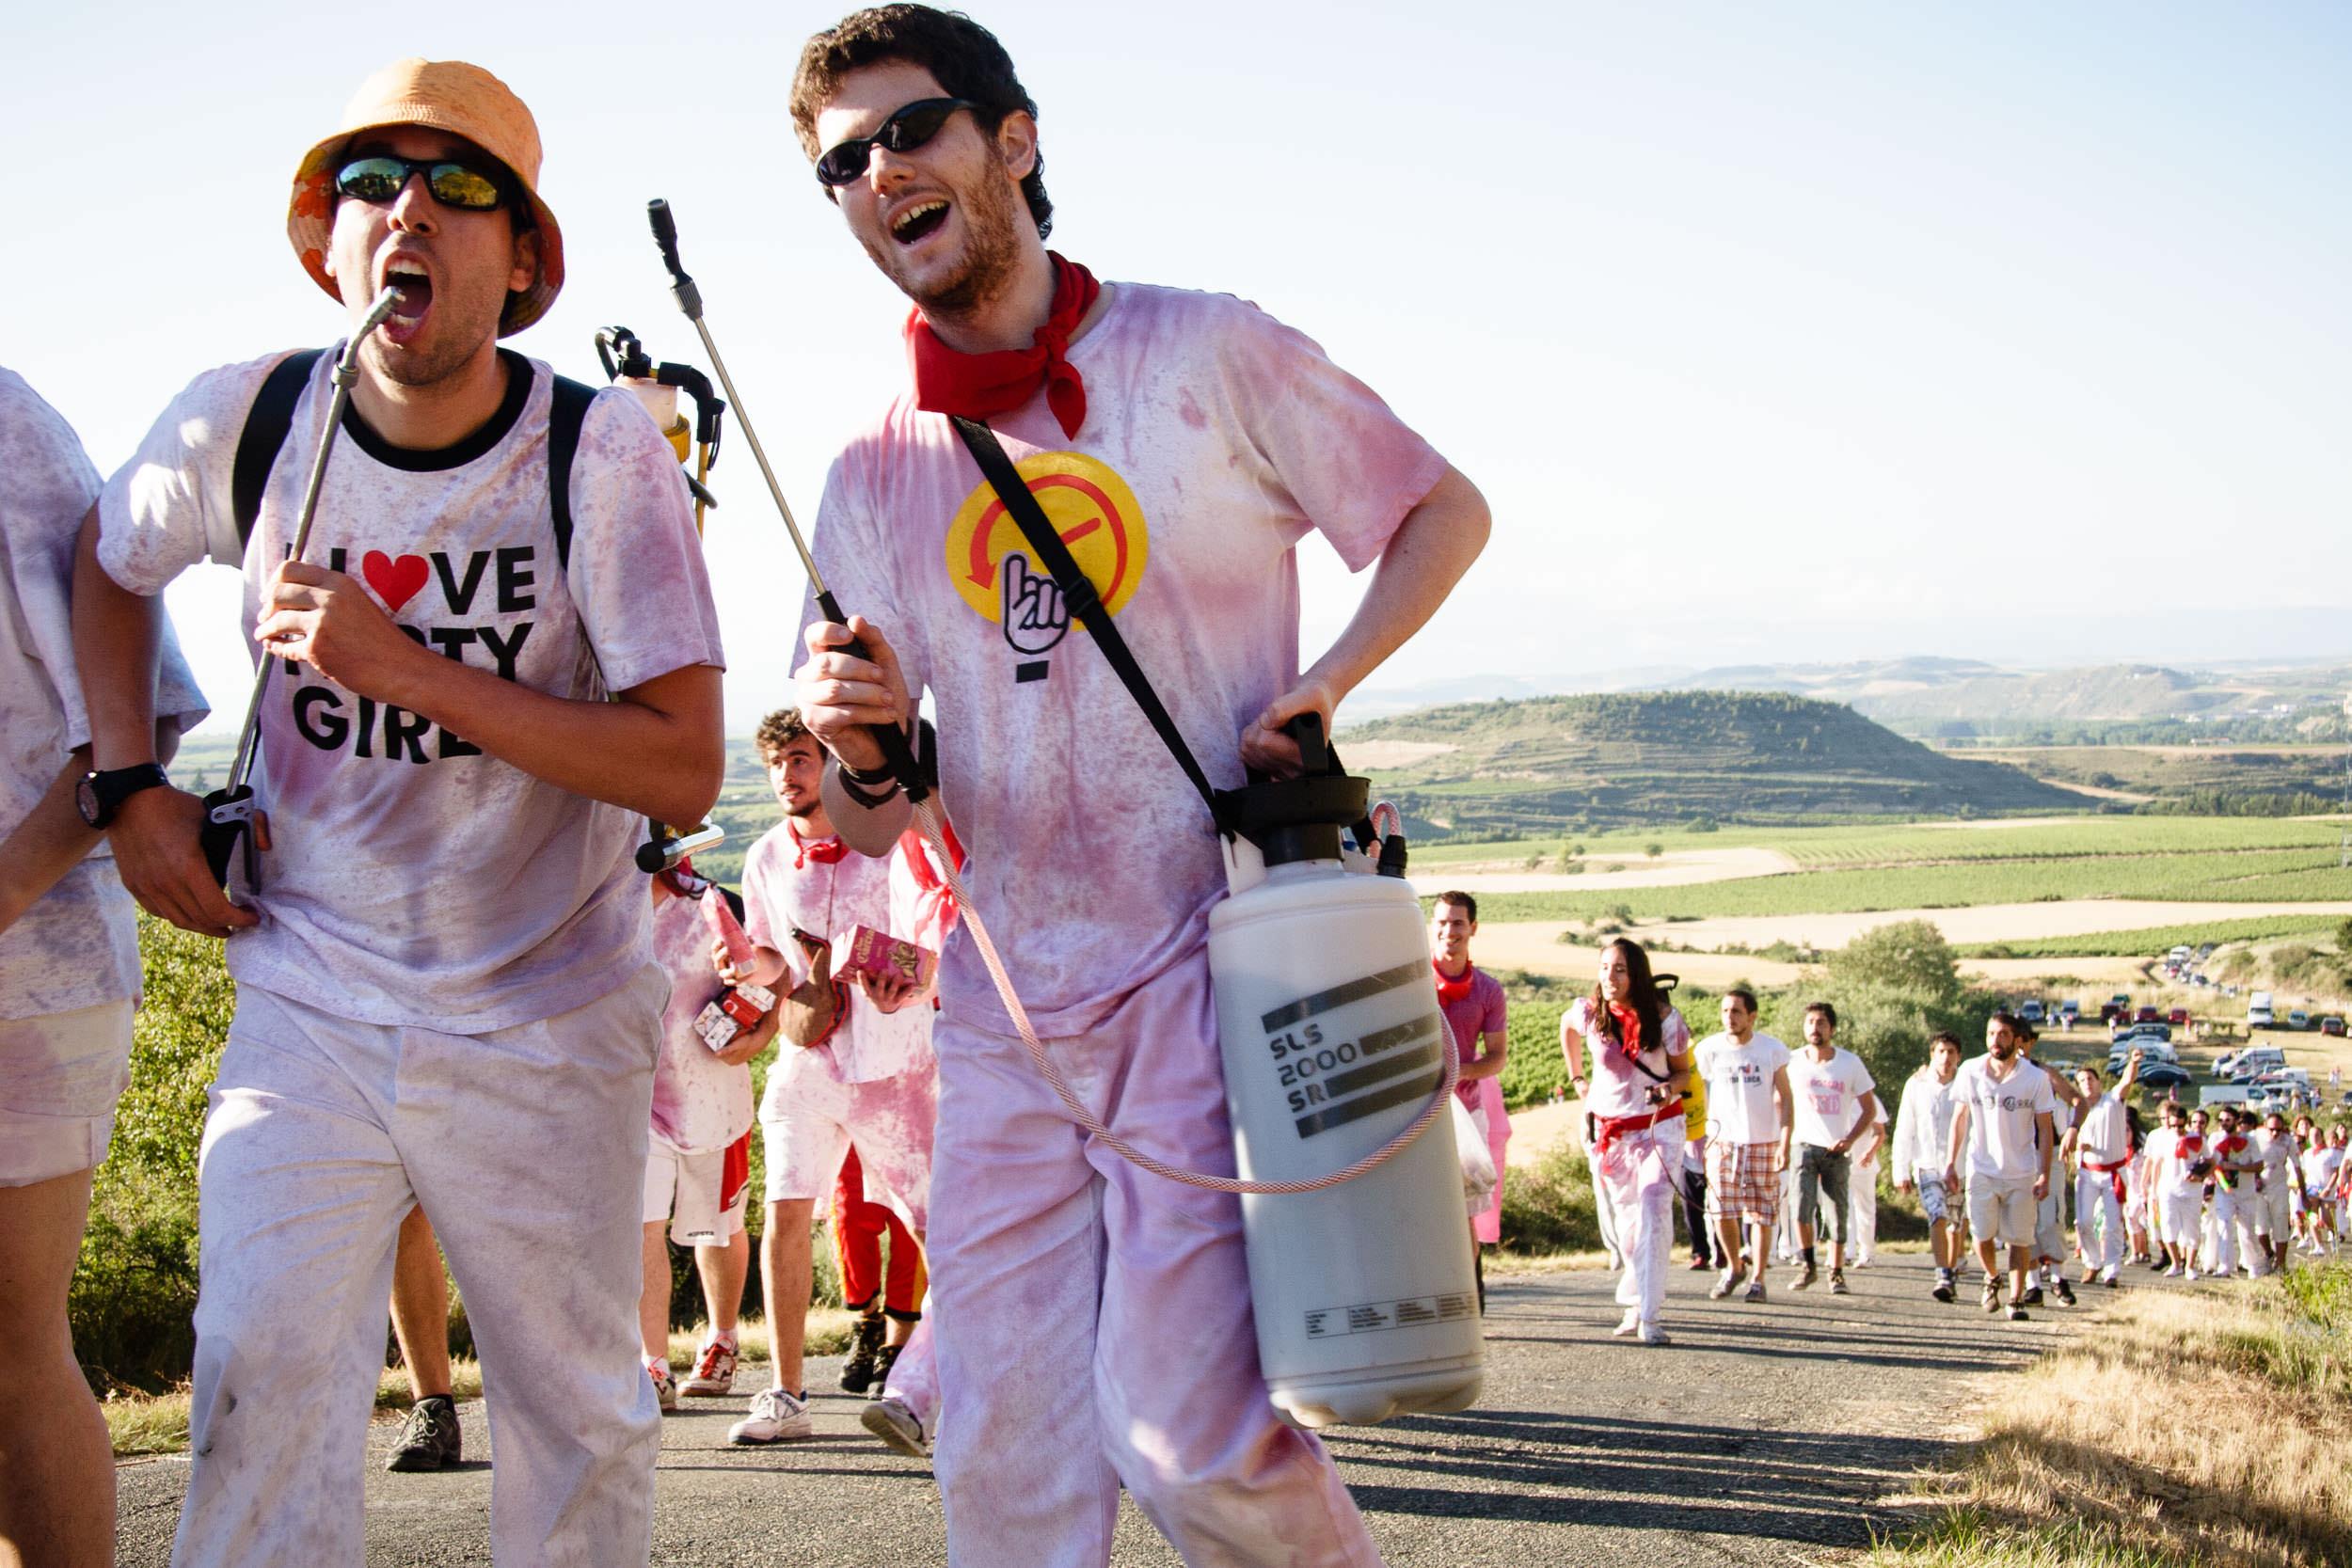 Fotografia Editorial Haro La Rioja España - La Batalla de Vino - James Sturcke Photographer | sturcke.org_003.jpg